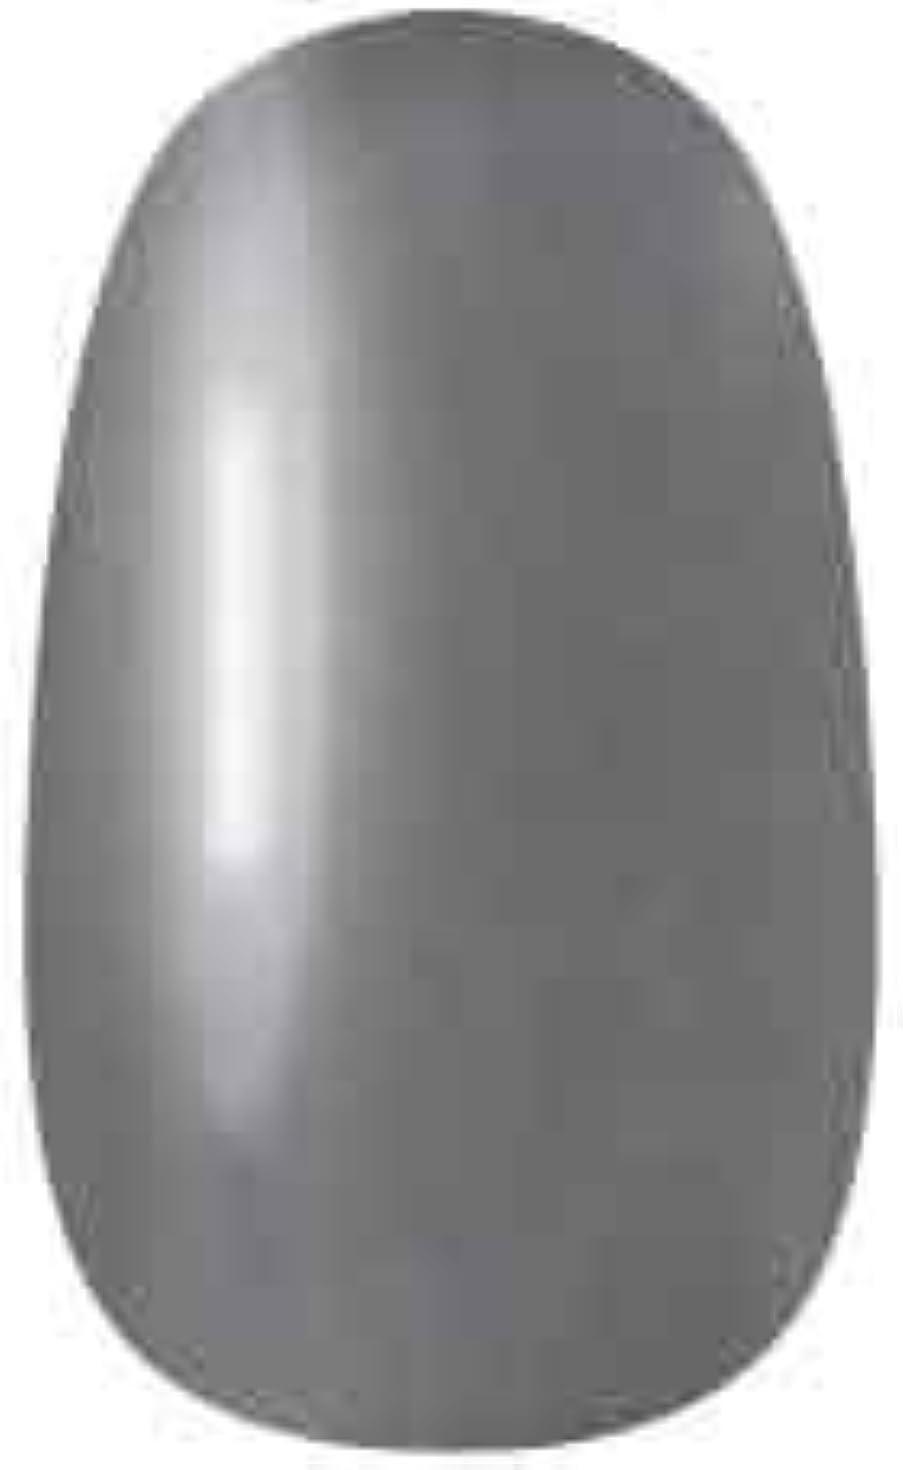 進行中コカイン名詞ラク カラージェル(073-ベースジェル)8g 今話題のラクジェル 素早く仕上カラージェル 抜群の発色とツヤ 国産ポリッシュタイプ オールインワン ワンステップジェルネイル RAKU COLOR GEL #73